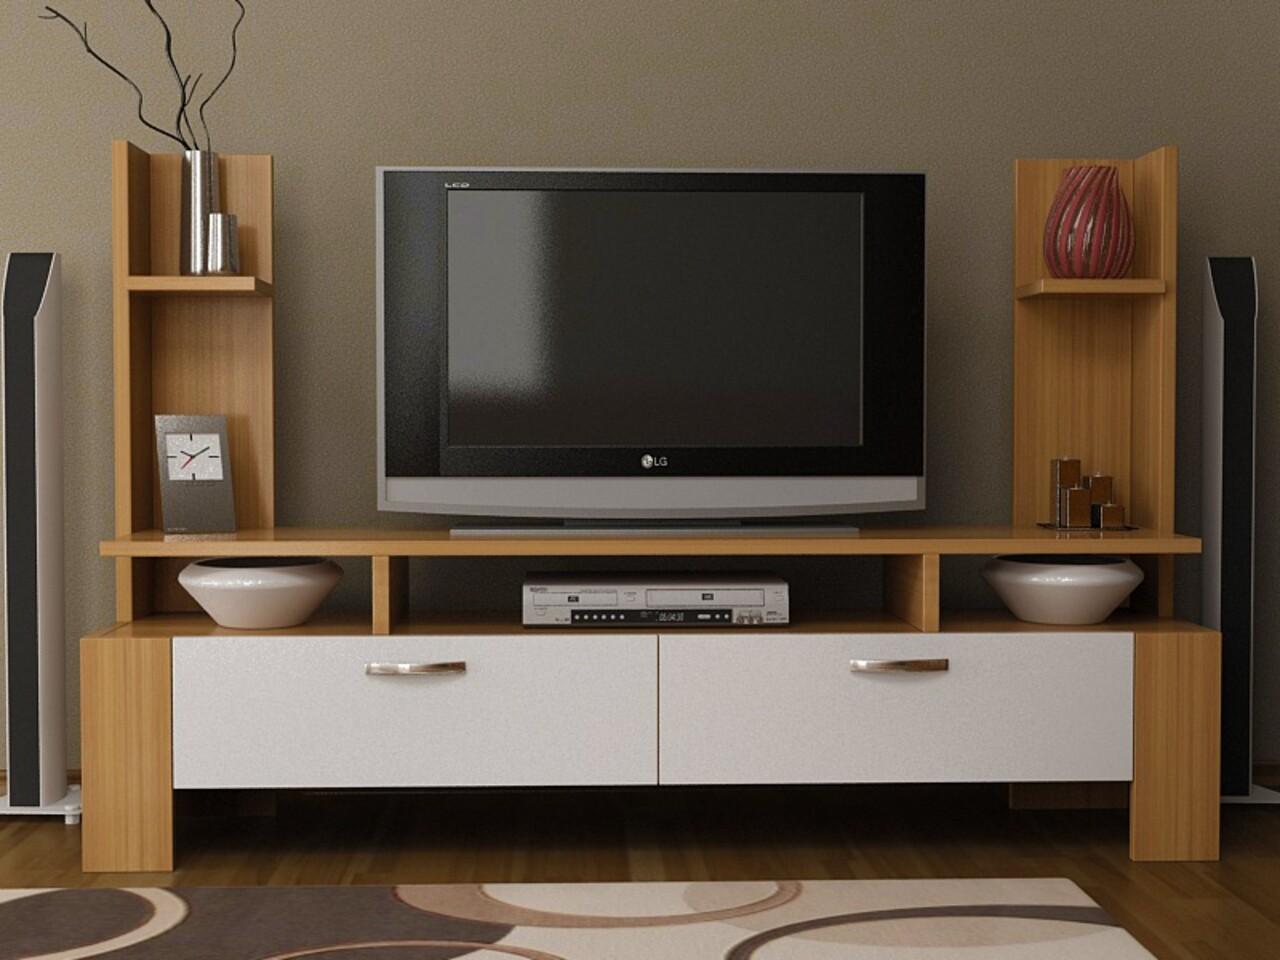 Comoda TV ETTORE, Gauge Concept, 120x30x90 cm, PAL, tec/alb